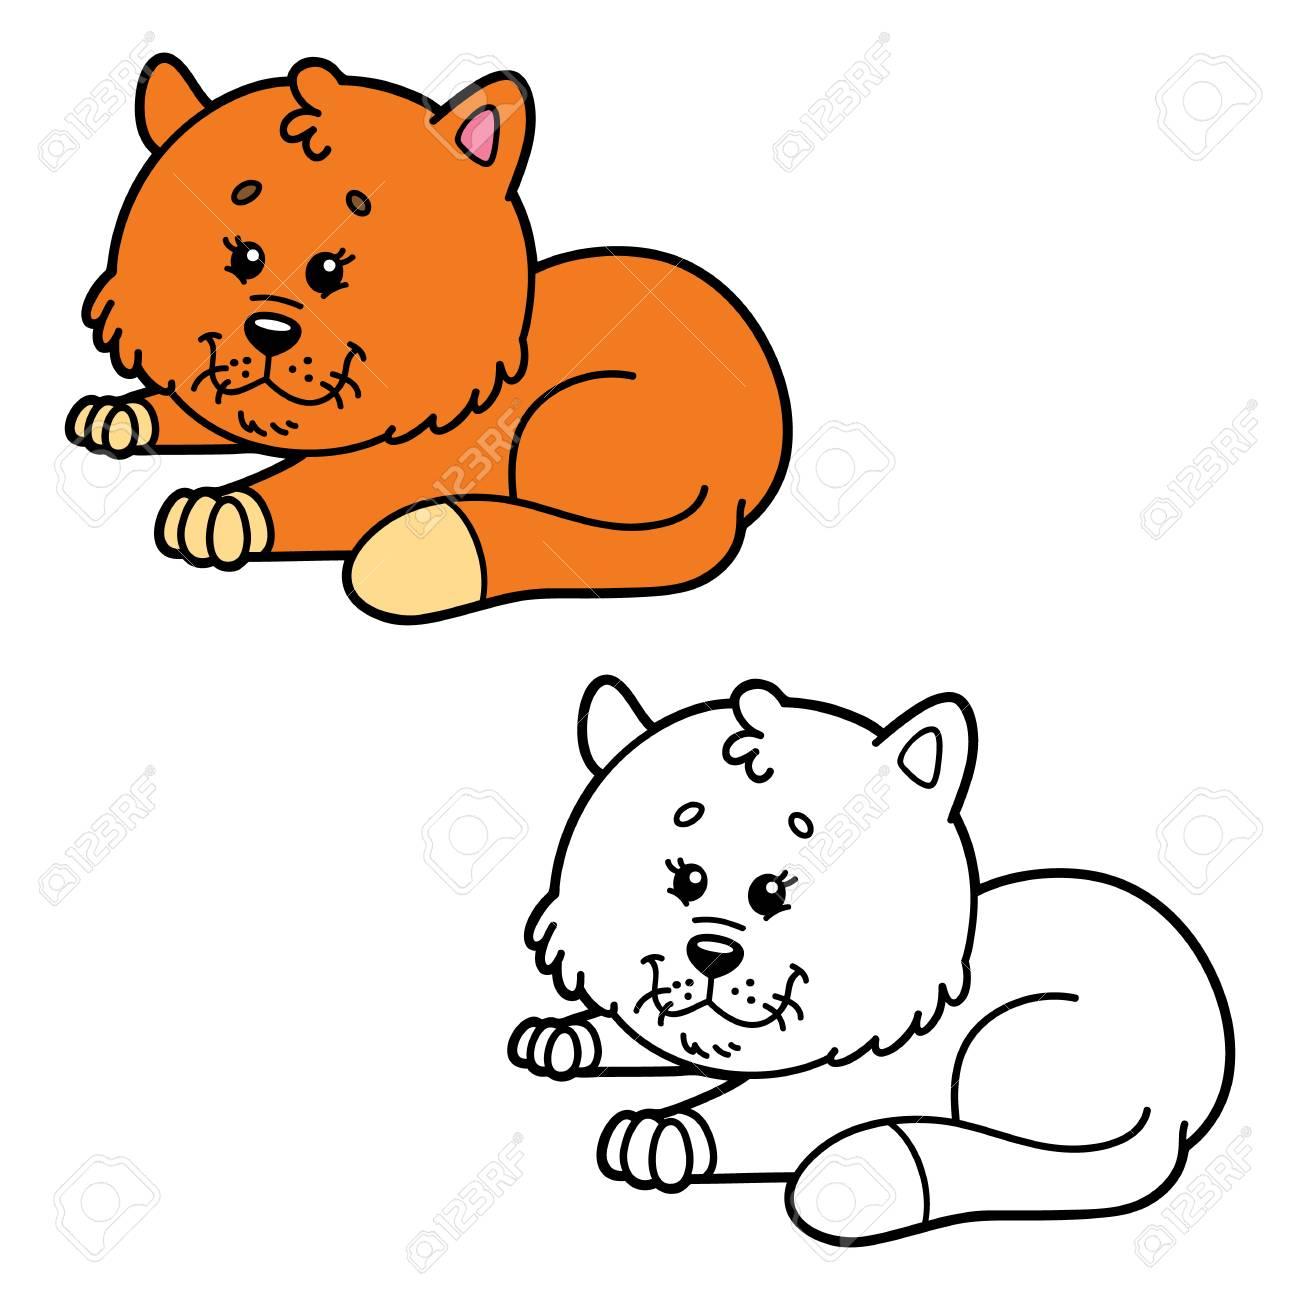 Gato Divertido Página Para Colorear Ilustración De Feliz Gato De Dibujos Animados Para Niños Colorear Y álbum De Recortes